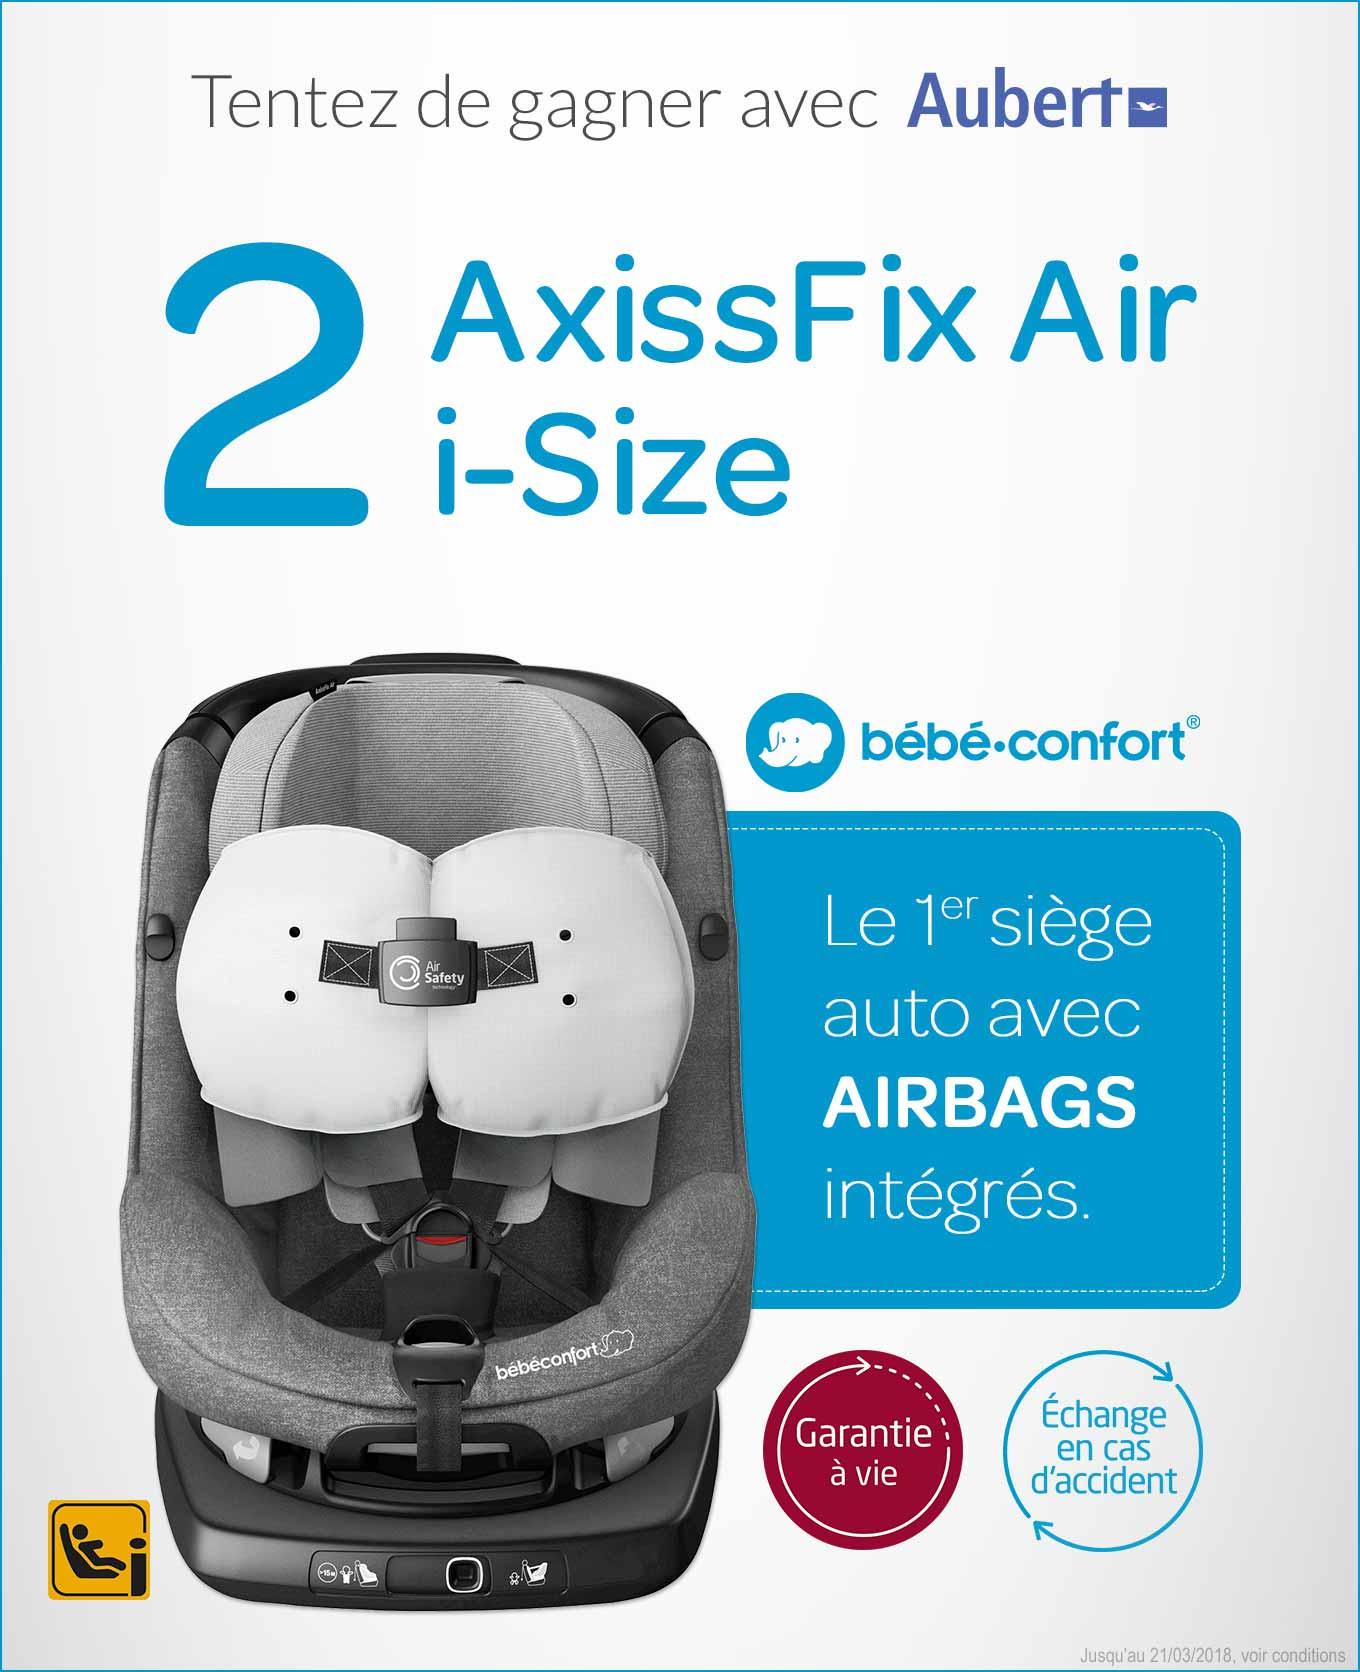 aubert gagner 2 axissfix air de b b confort. Black Bedroom Furniture Sets. Home Design Ideas